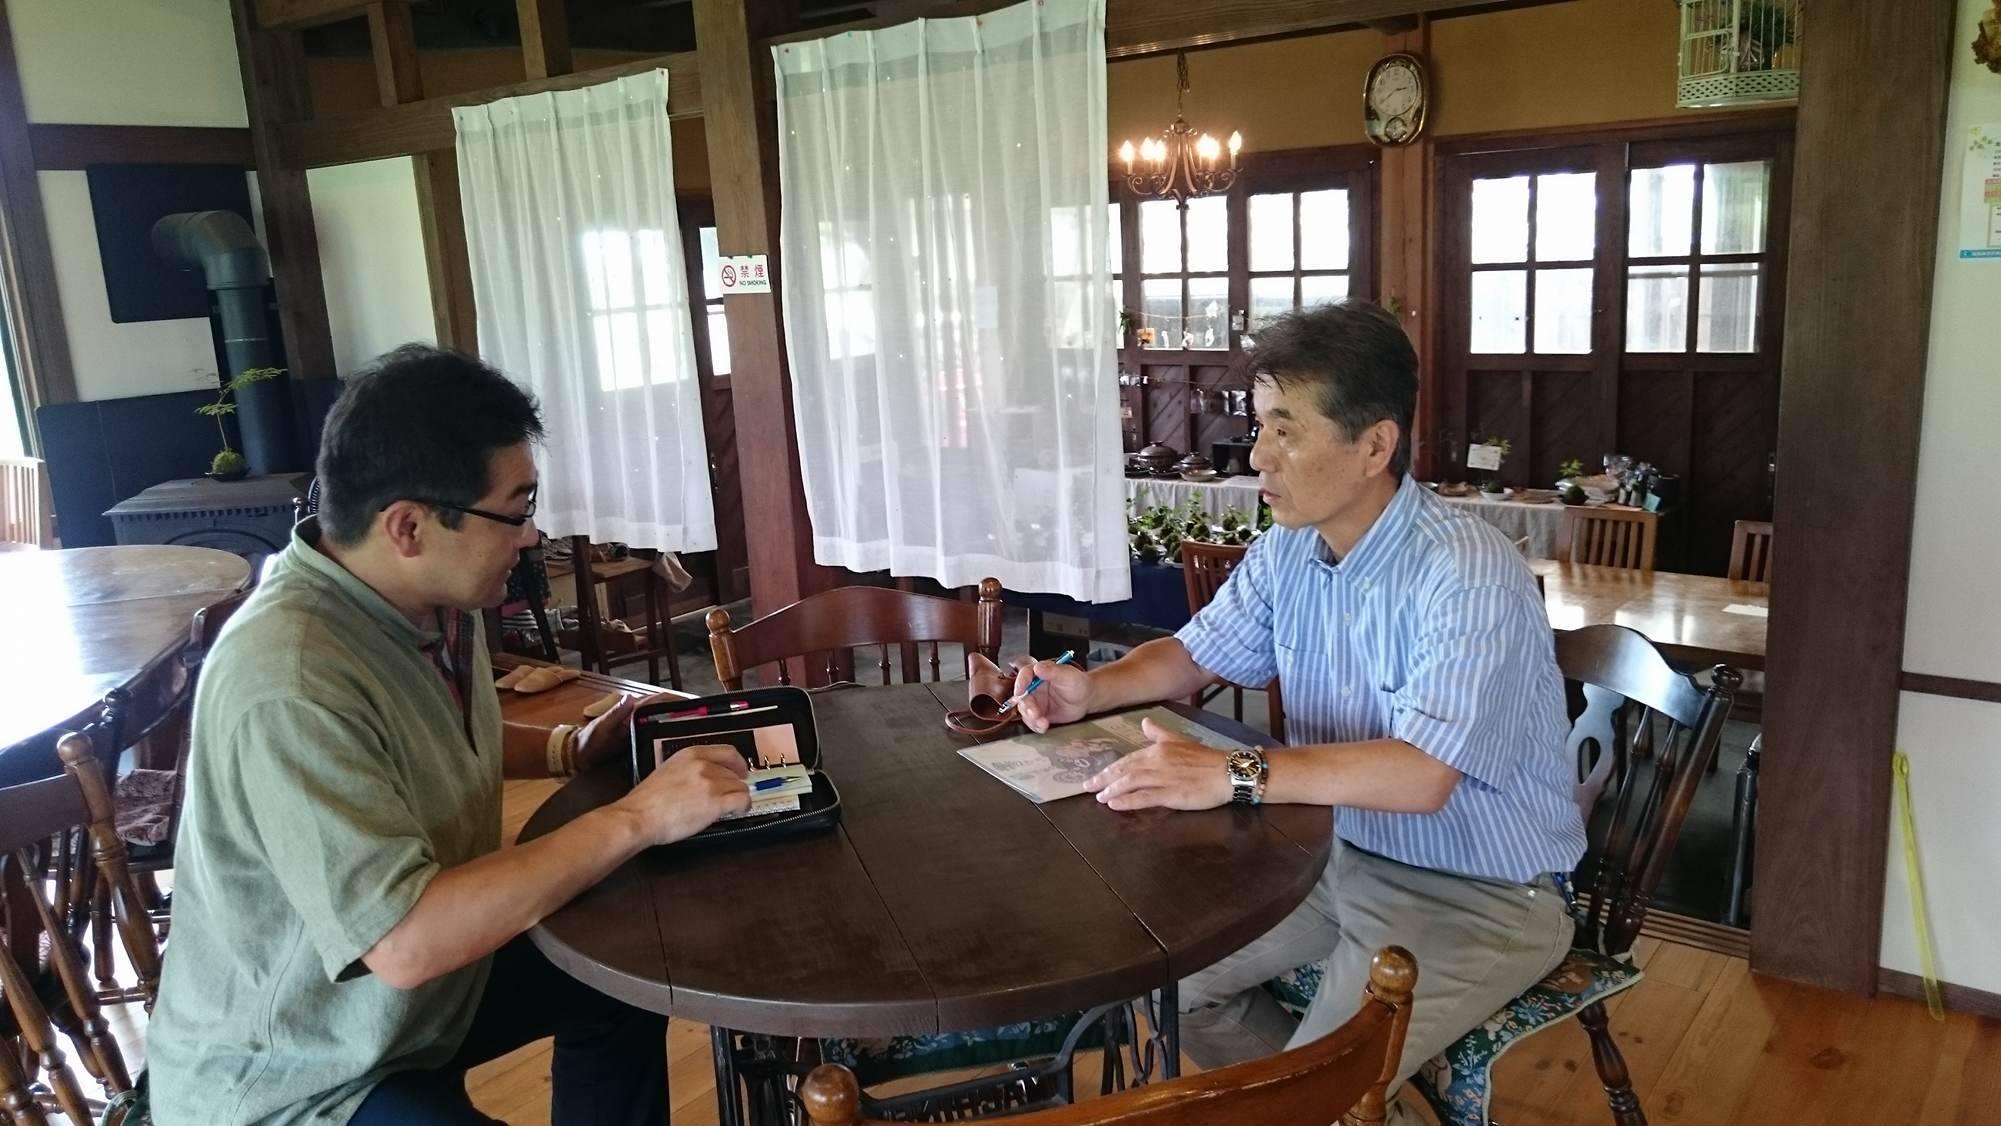 松本隆博「熊本地震復興支援LIVE 響け!!絆つなぐプロジェクト」松本隆博「熊本地震復興支援LIVE 響け!!絆つなぐプロジェクト」